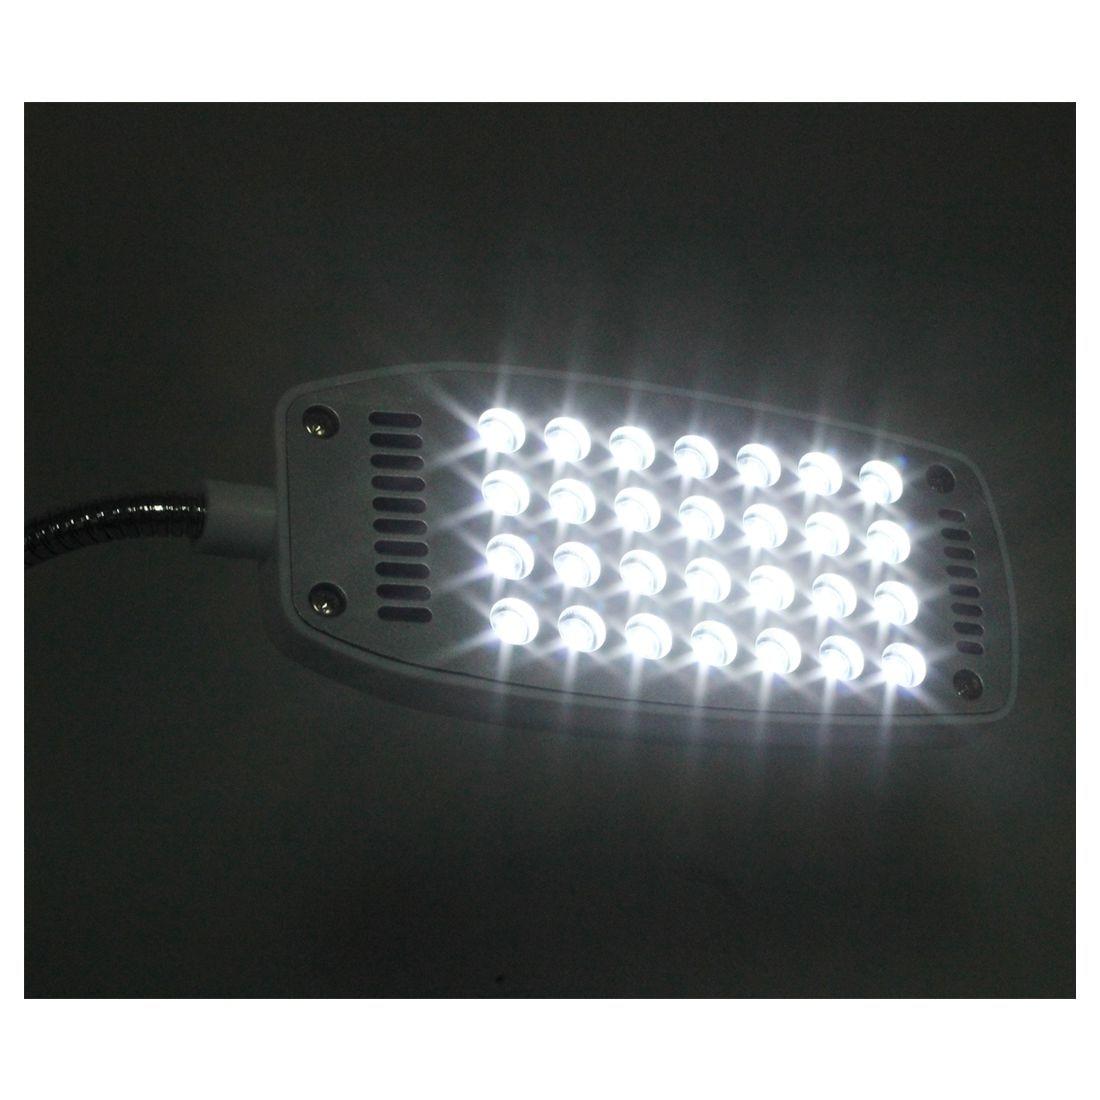 1pcs white Bright 28 LED USB Mini Light Flexible Computer Lamp Laptop PC Desk Reading pink